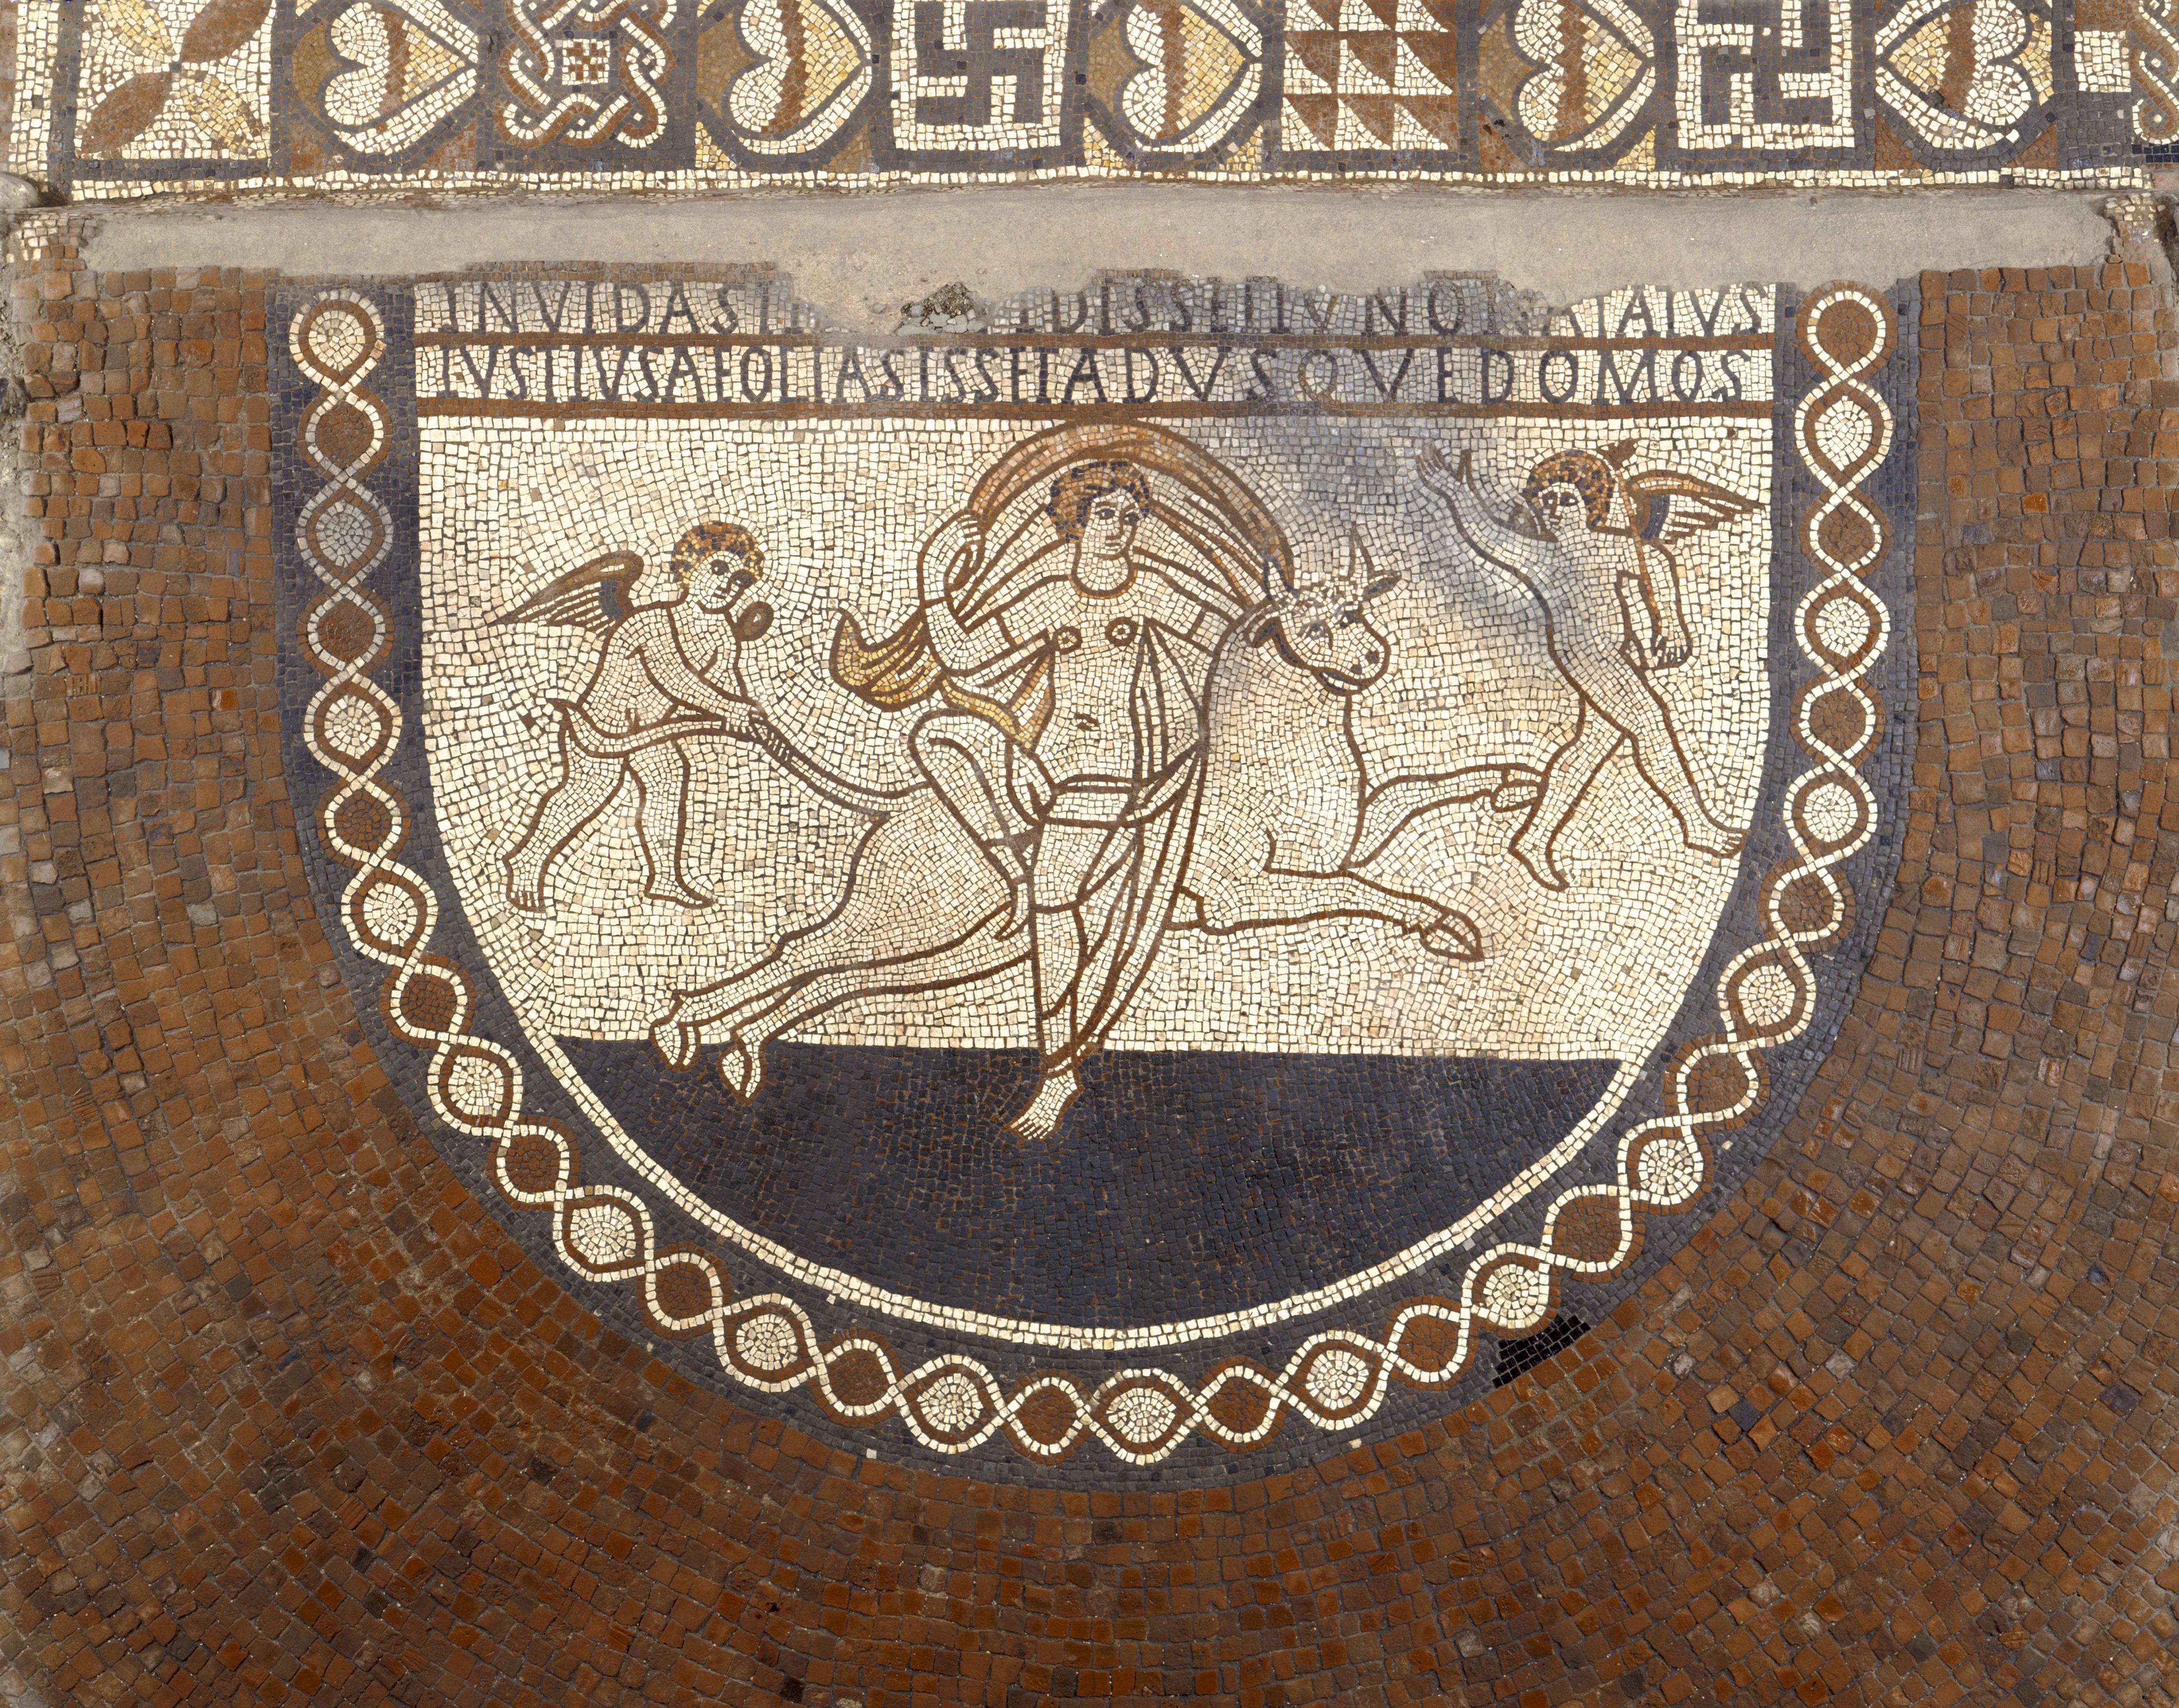 15 Europa mosaic.jpg